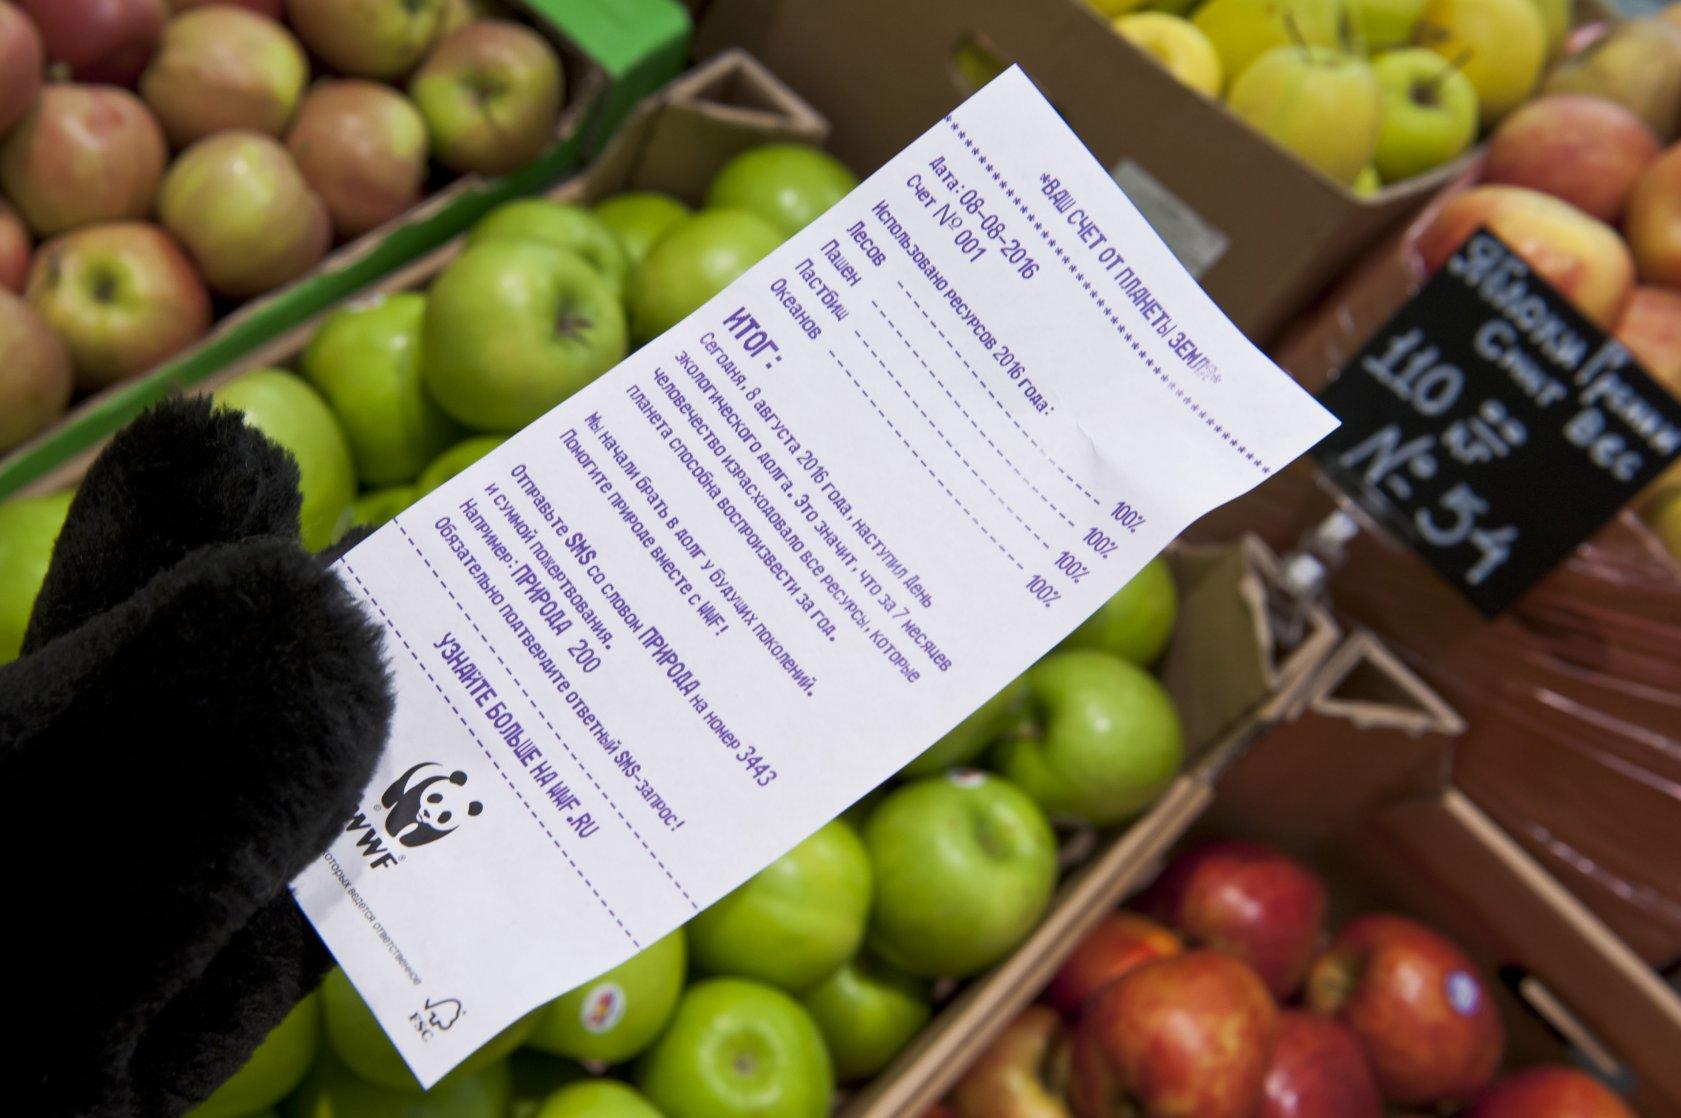 Клиенты McDonald's и других кафе и магазинов получат экологические чеки от WWF